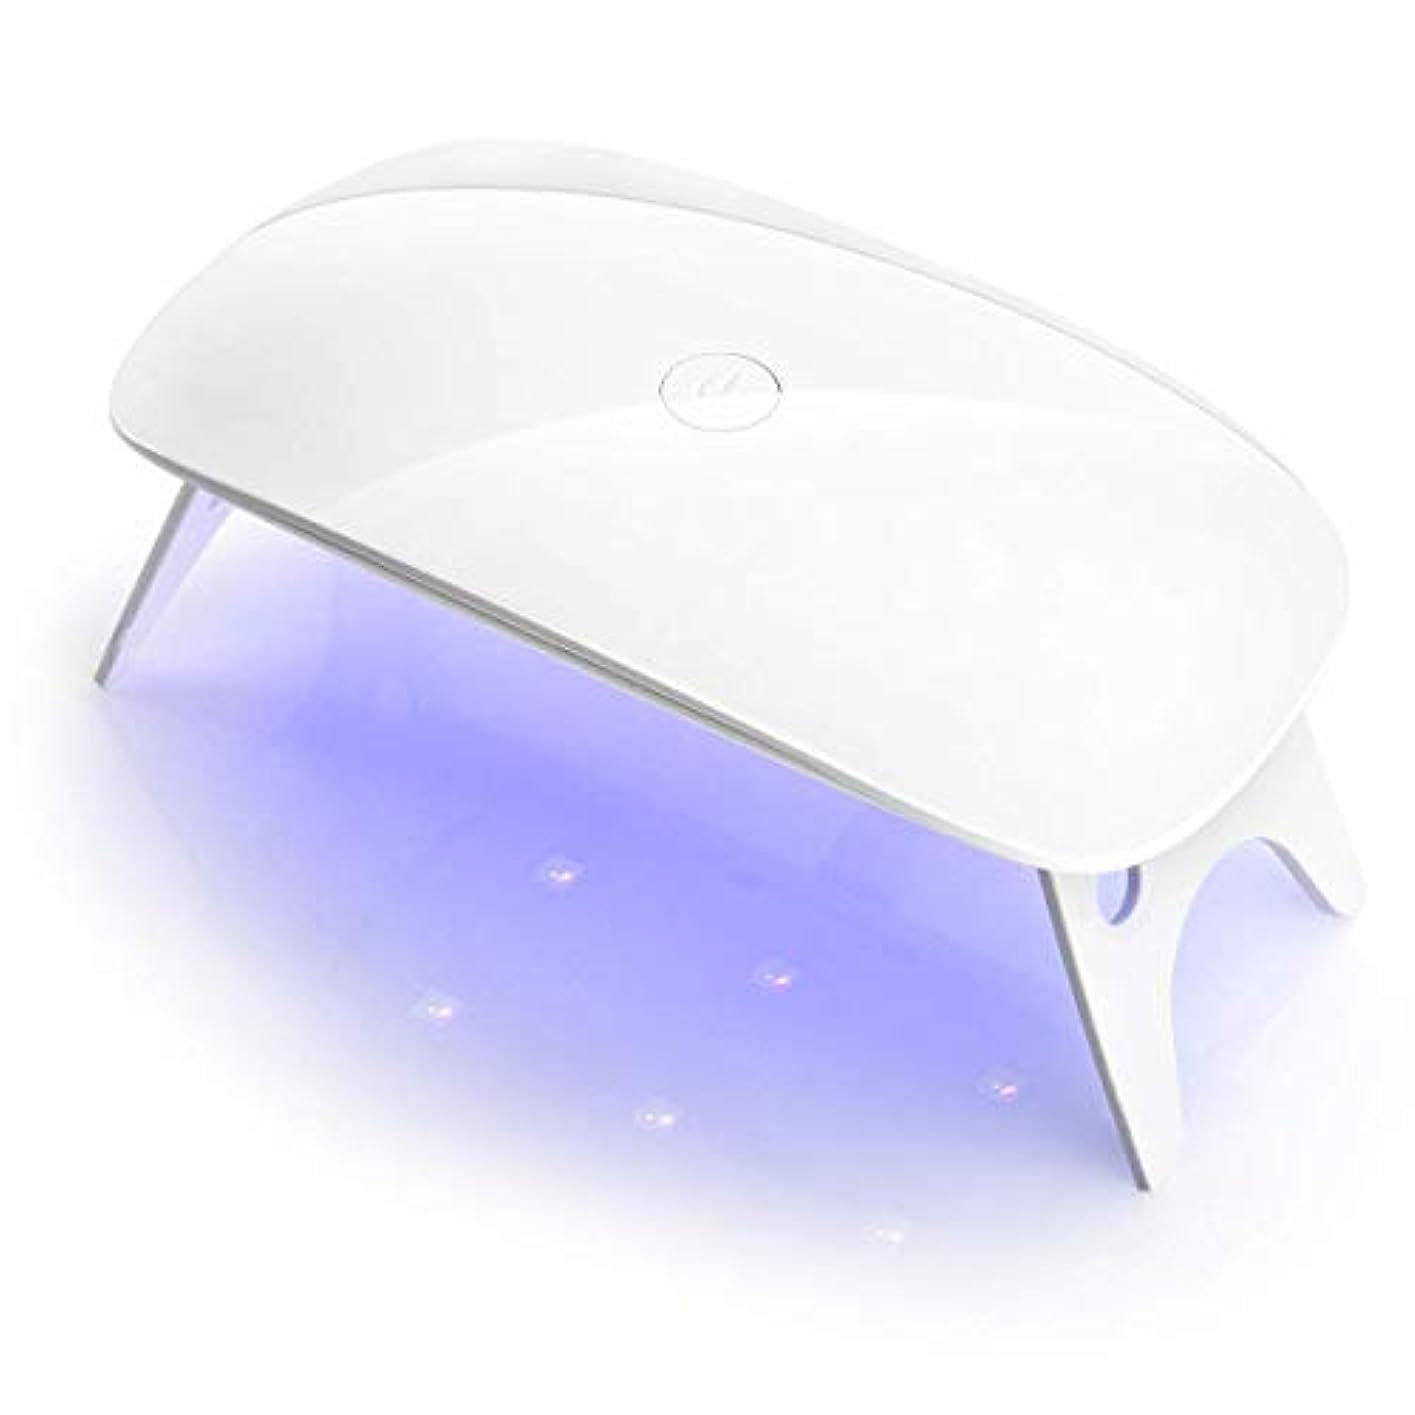 憂鬱な気怠い分布タイマー設定可能ネイルドライヤー UVライト折りたたみ式手足とも使える 人感センサー式 LED 硬化ライト